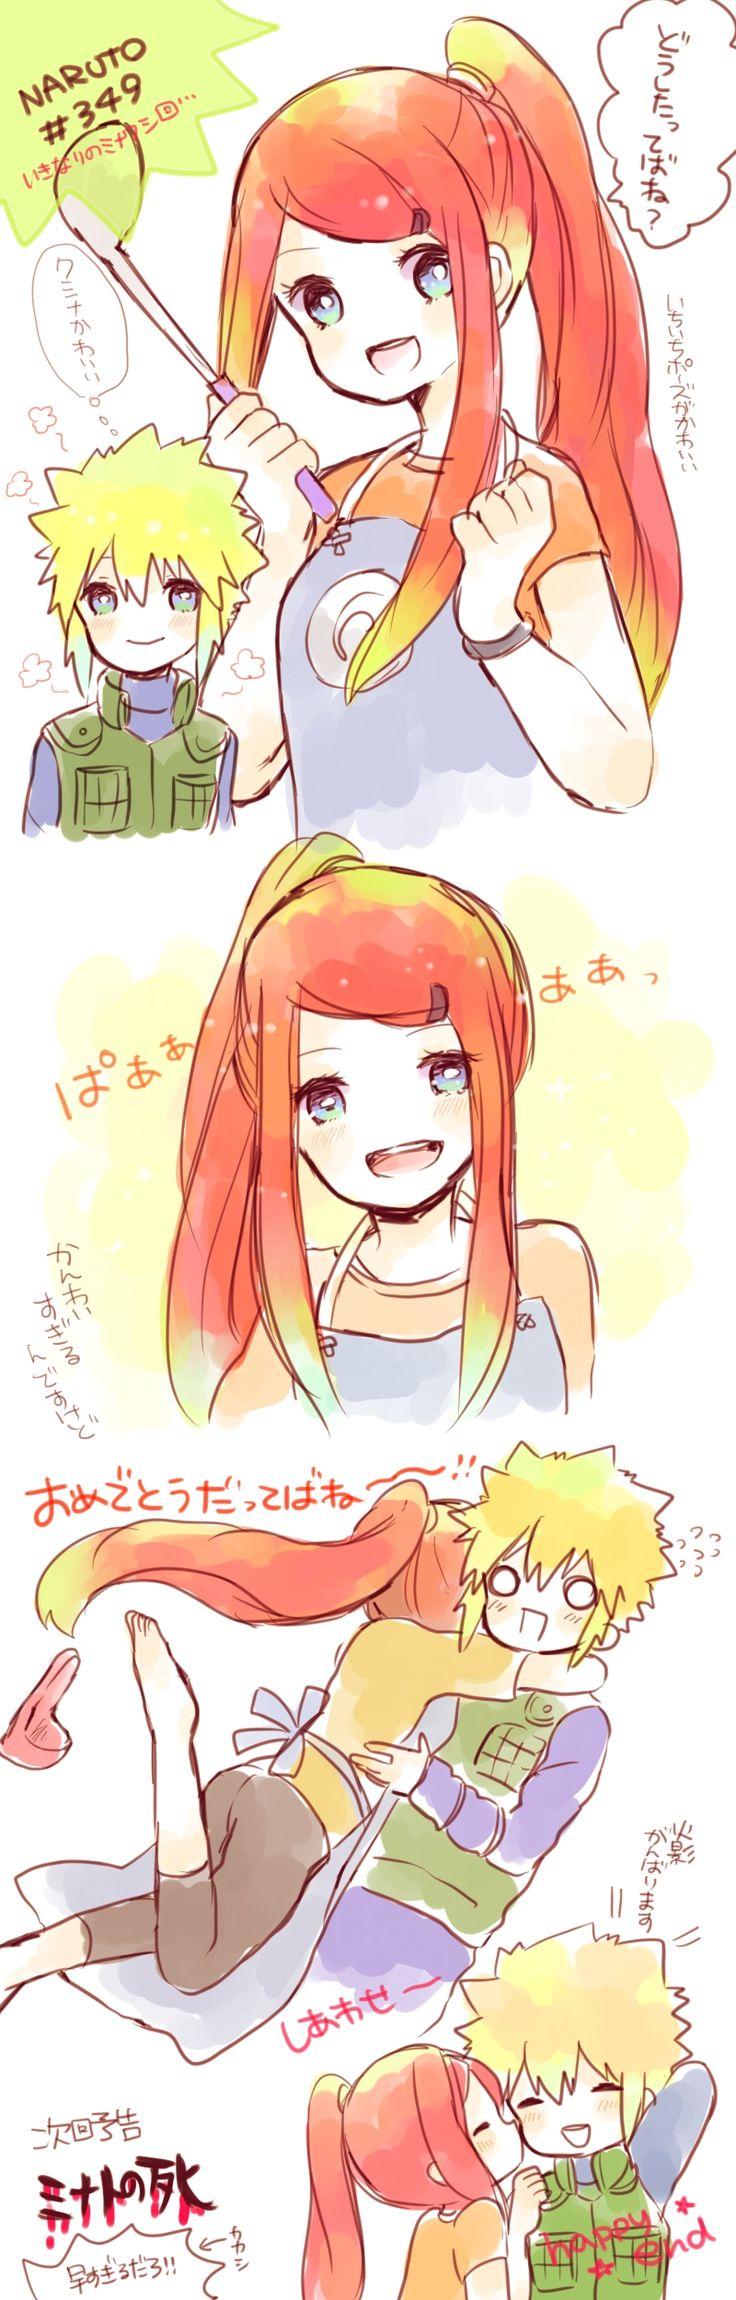 Tags: NARUTO, Comic, Uzumaki Kushina, Namikaze Minato, Translation Request, Pixiv Id 1496866